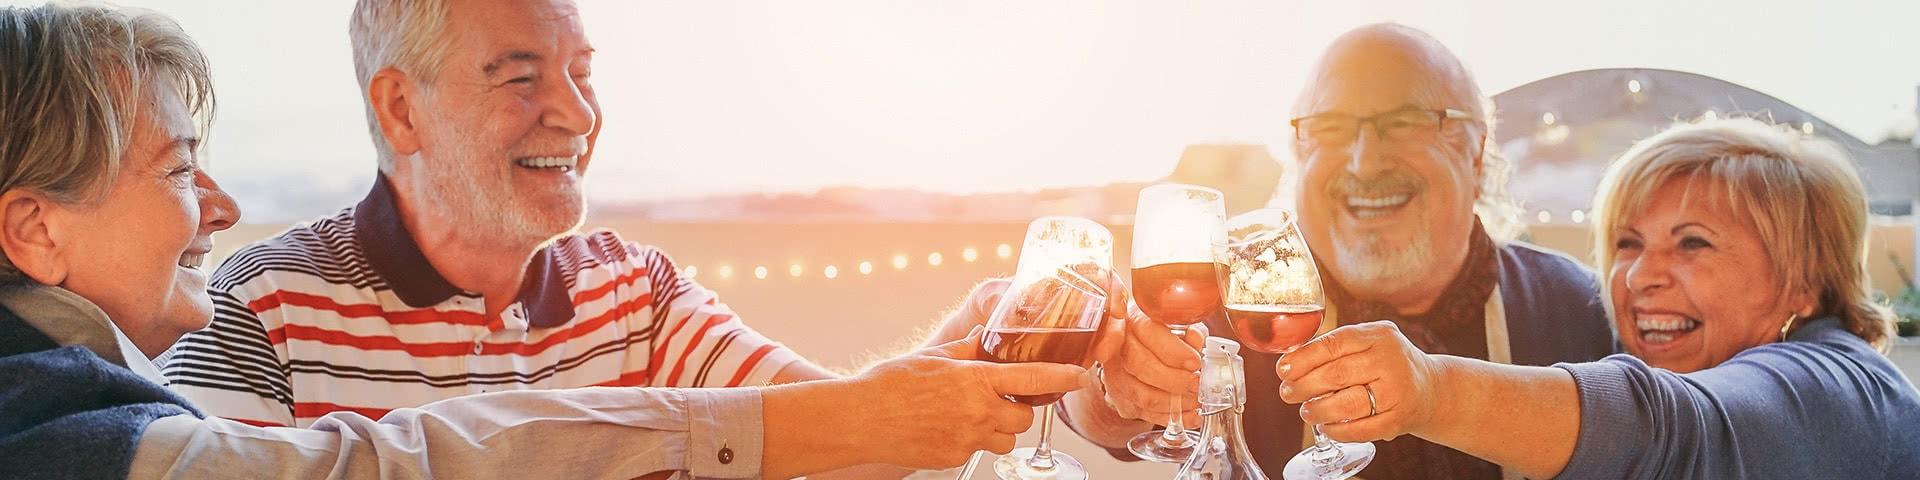 Zwei Pärchen essen und trinken geminsam in einem Restaurant in Bremerhaven